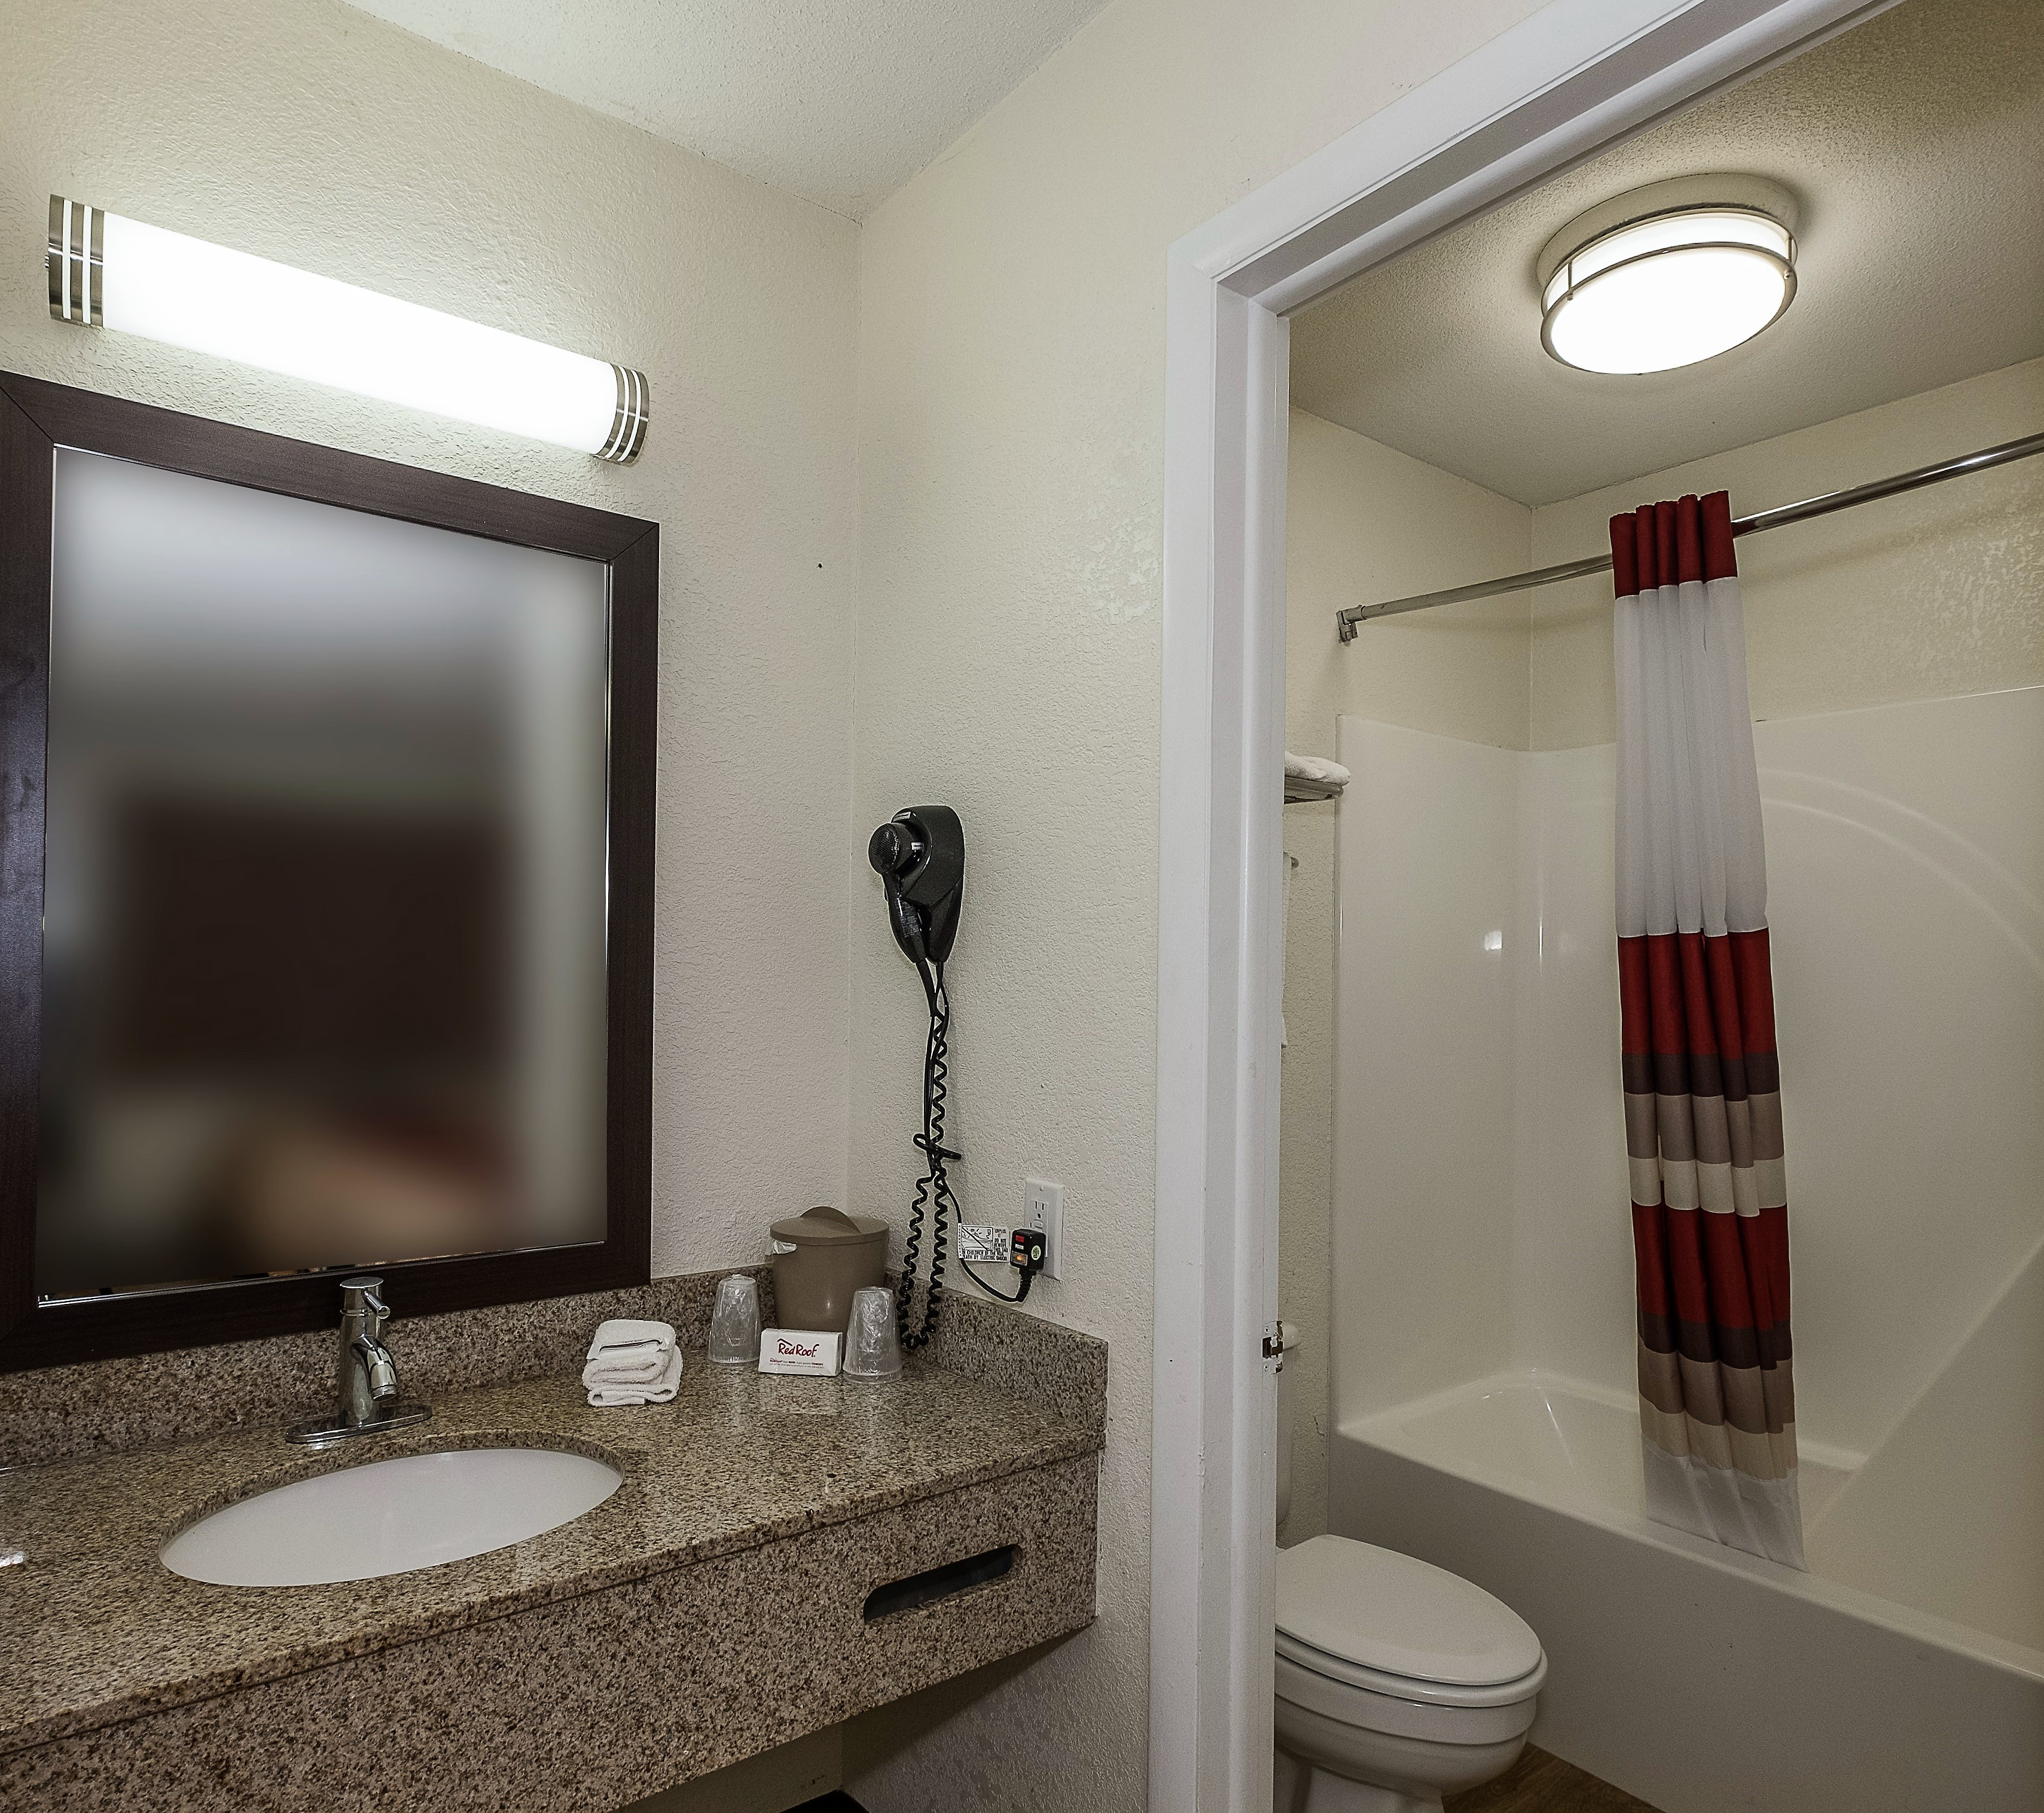 413-vanity-bath.jpg